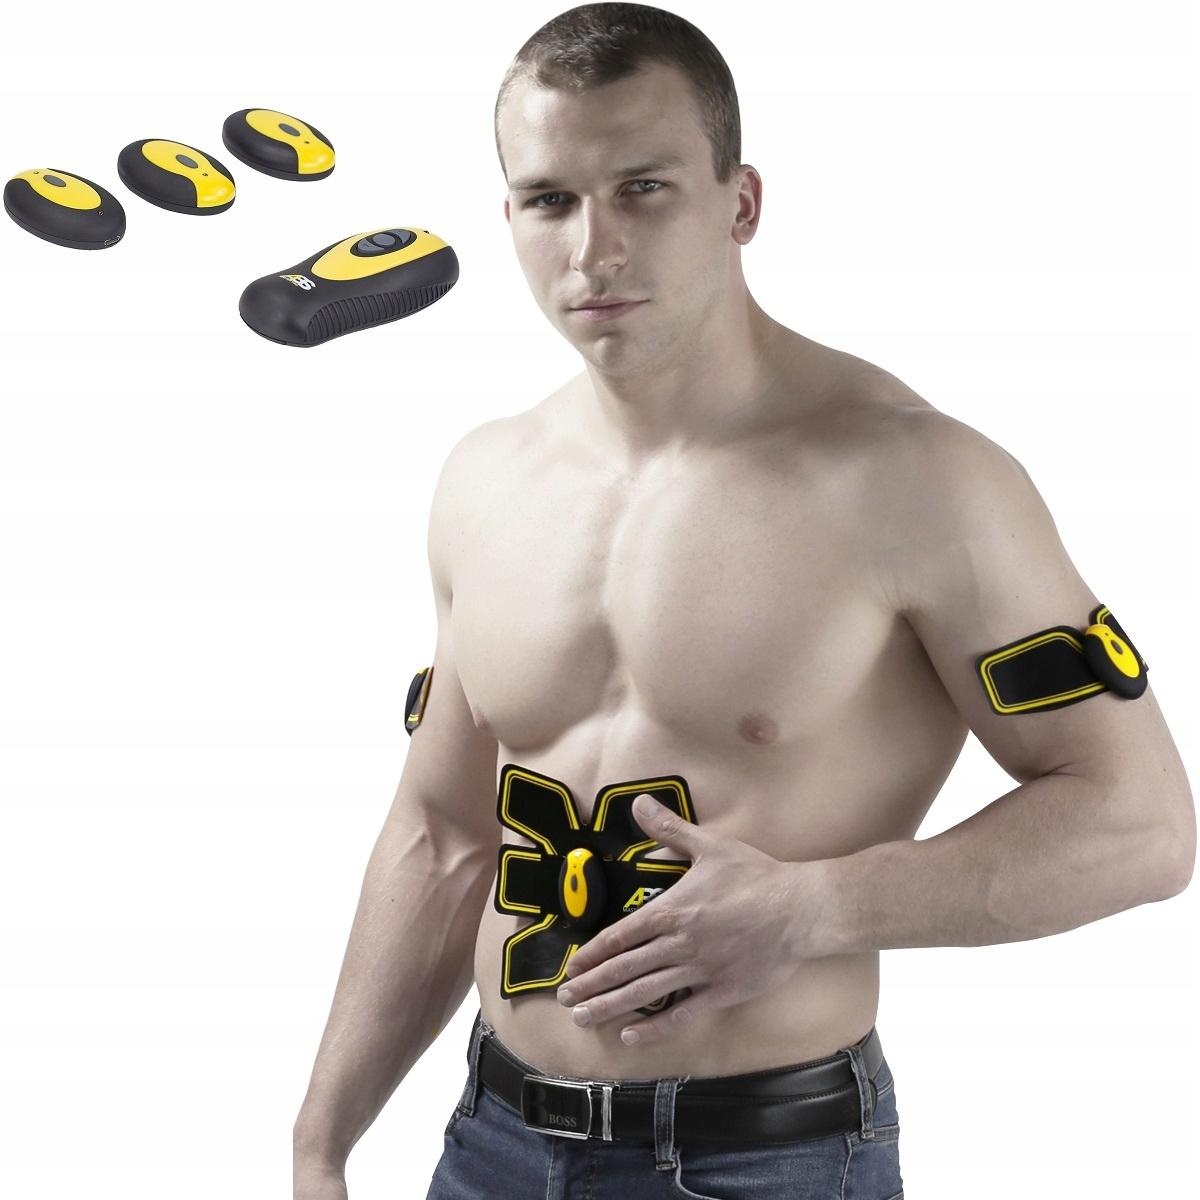 Nastavený na stimuláciu cvičení brucha pre